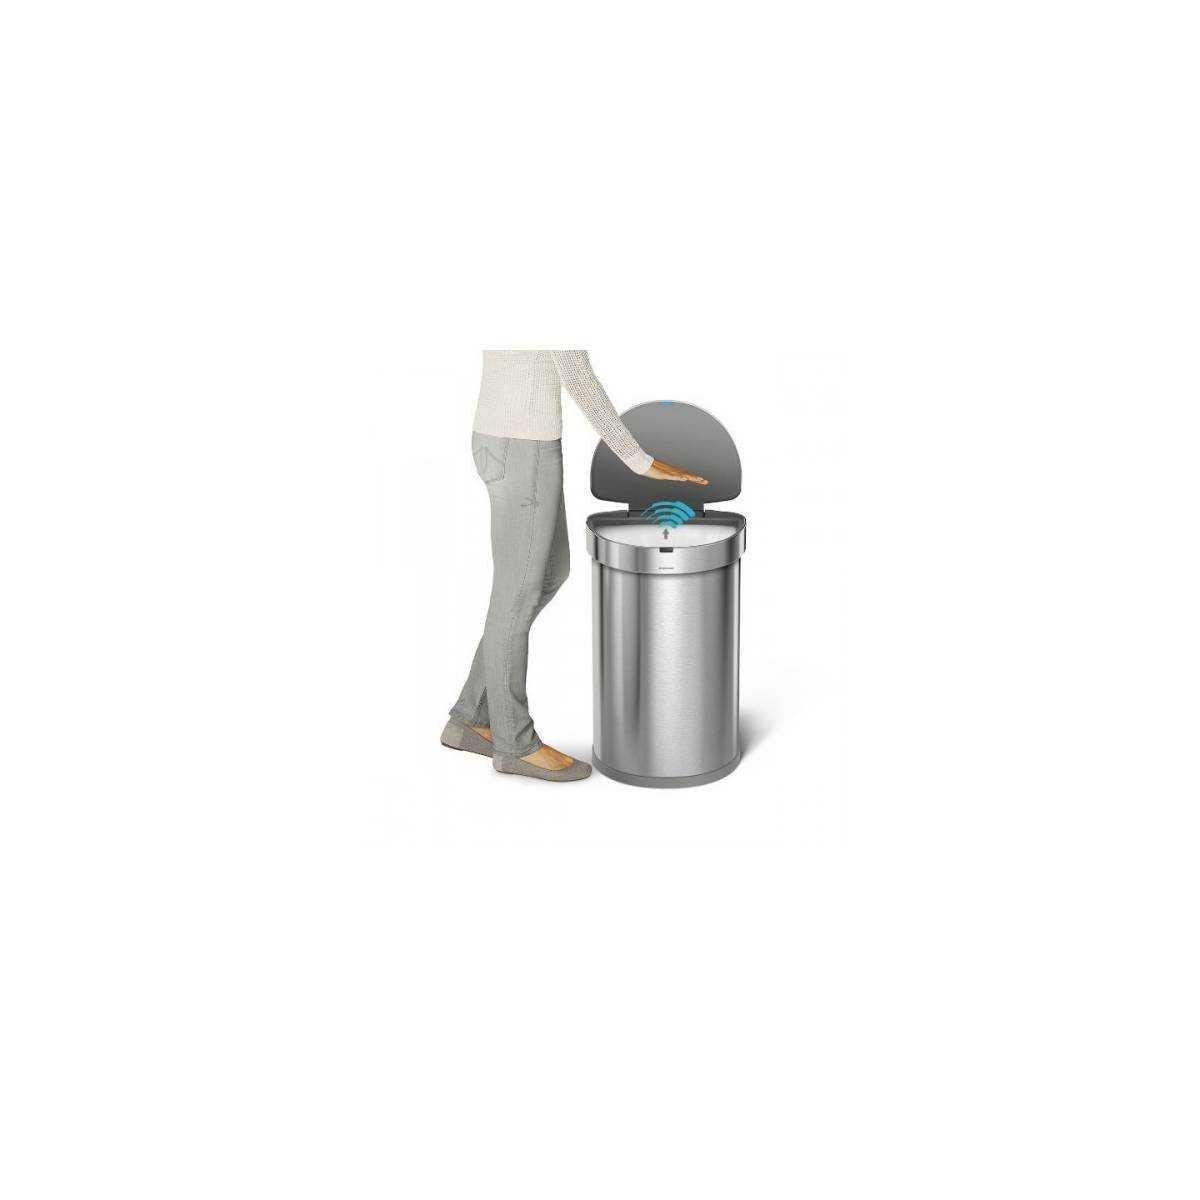 Урна полукруглая сенсорная 45л FPP с карманом для мешков (ST 2009) ST 2009 Simplehuman